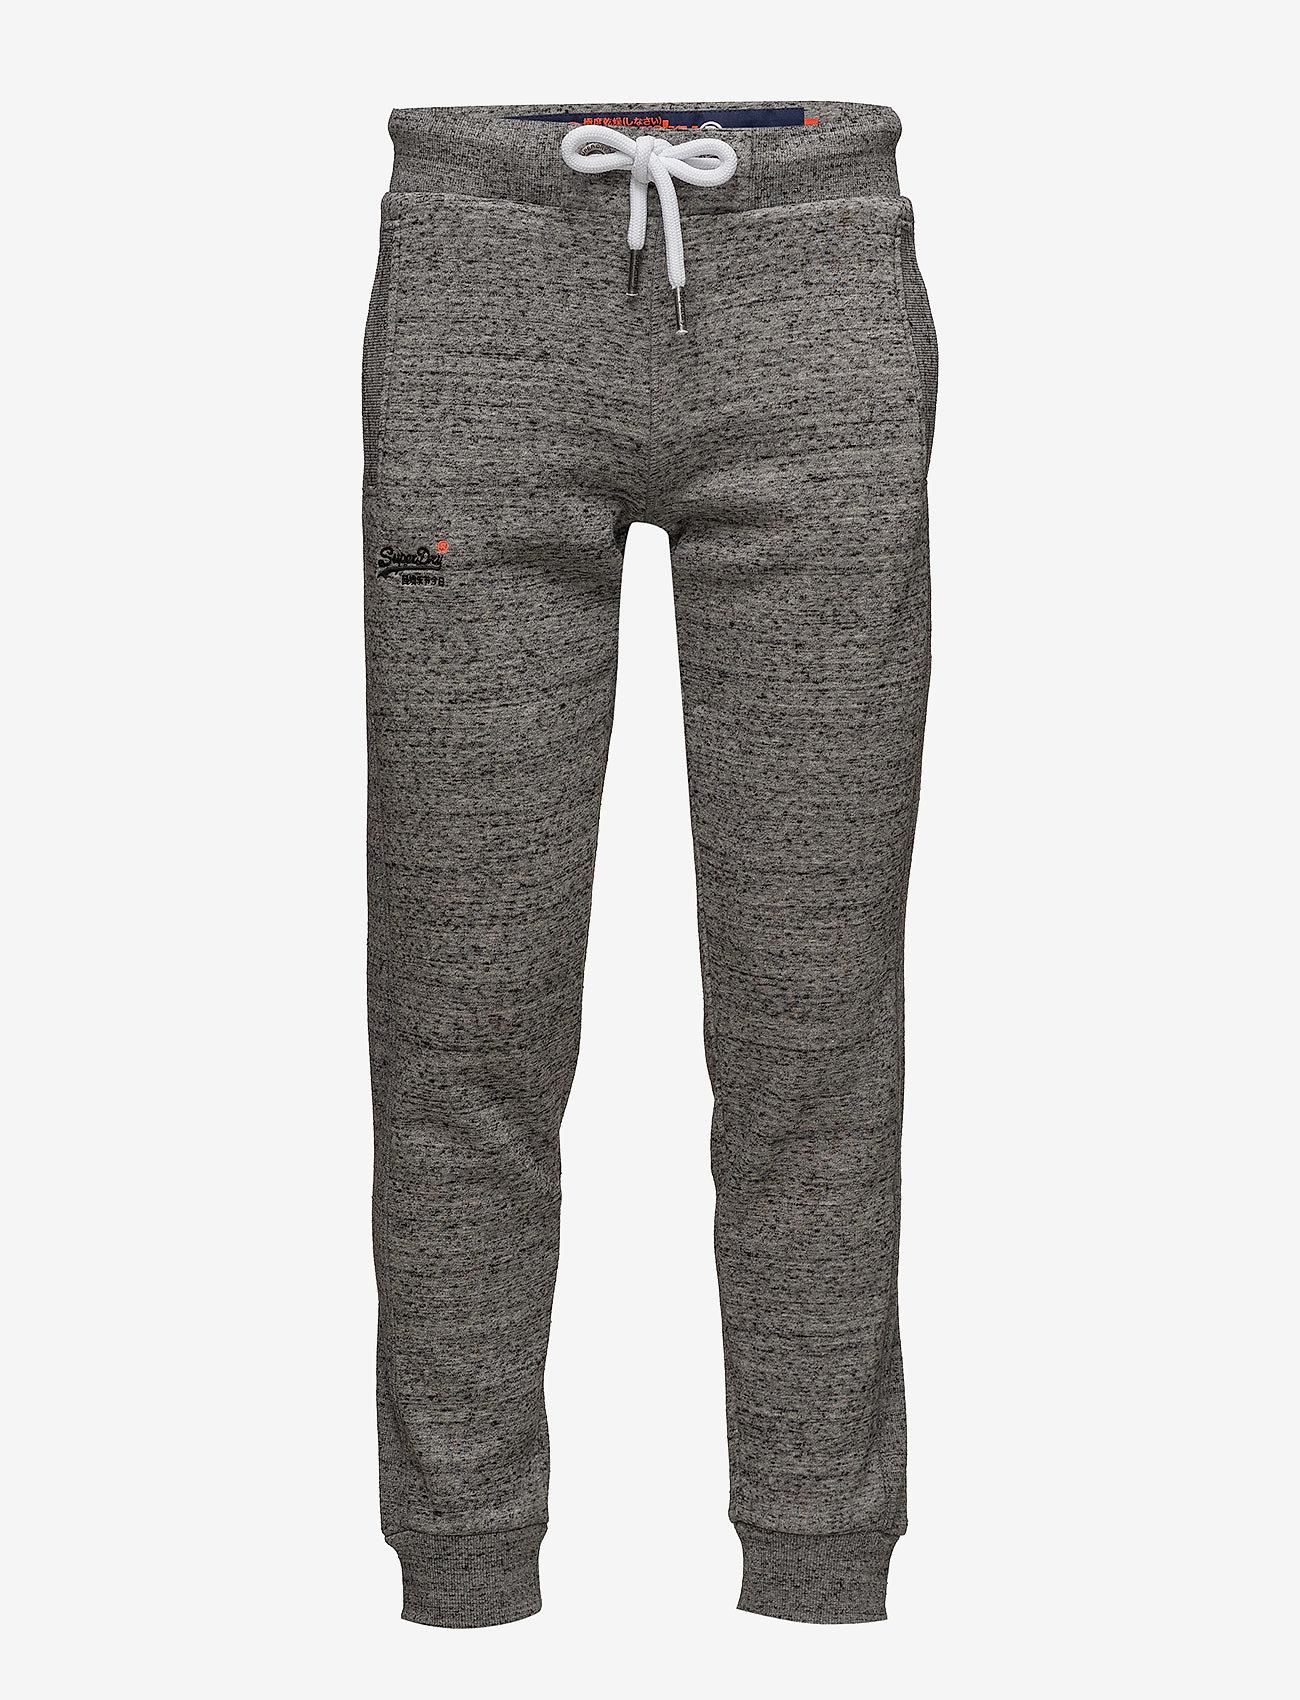 Superdry - ORANGE LABEL JOGGER - pants - flint grey grit - 0